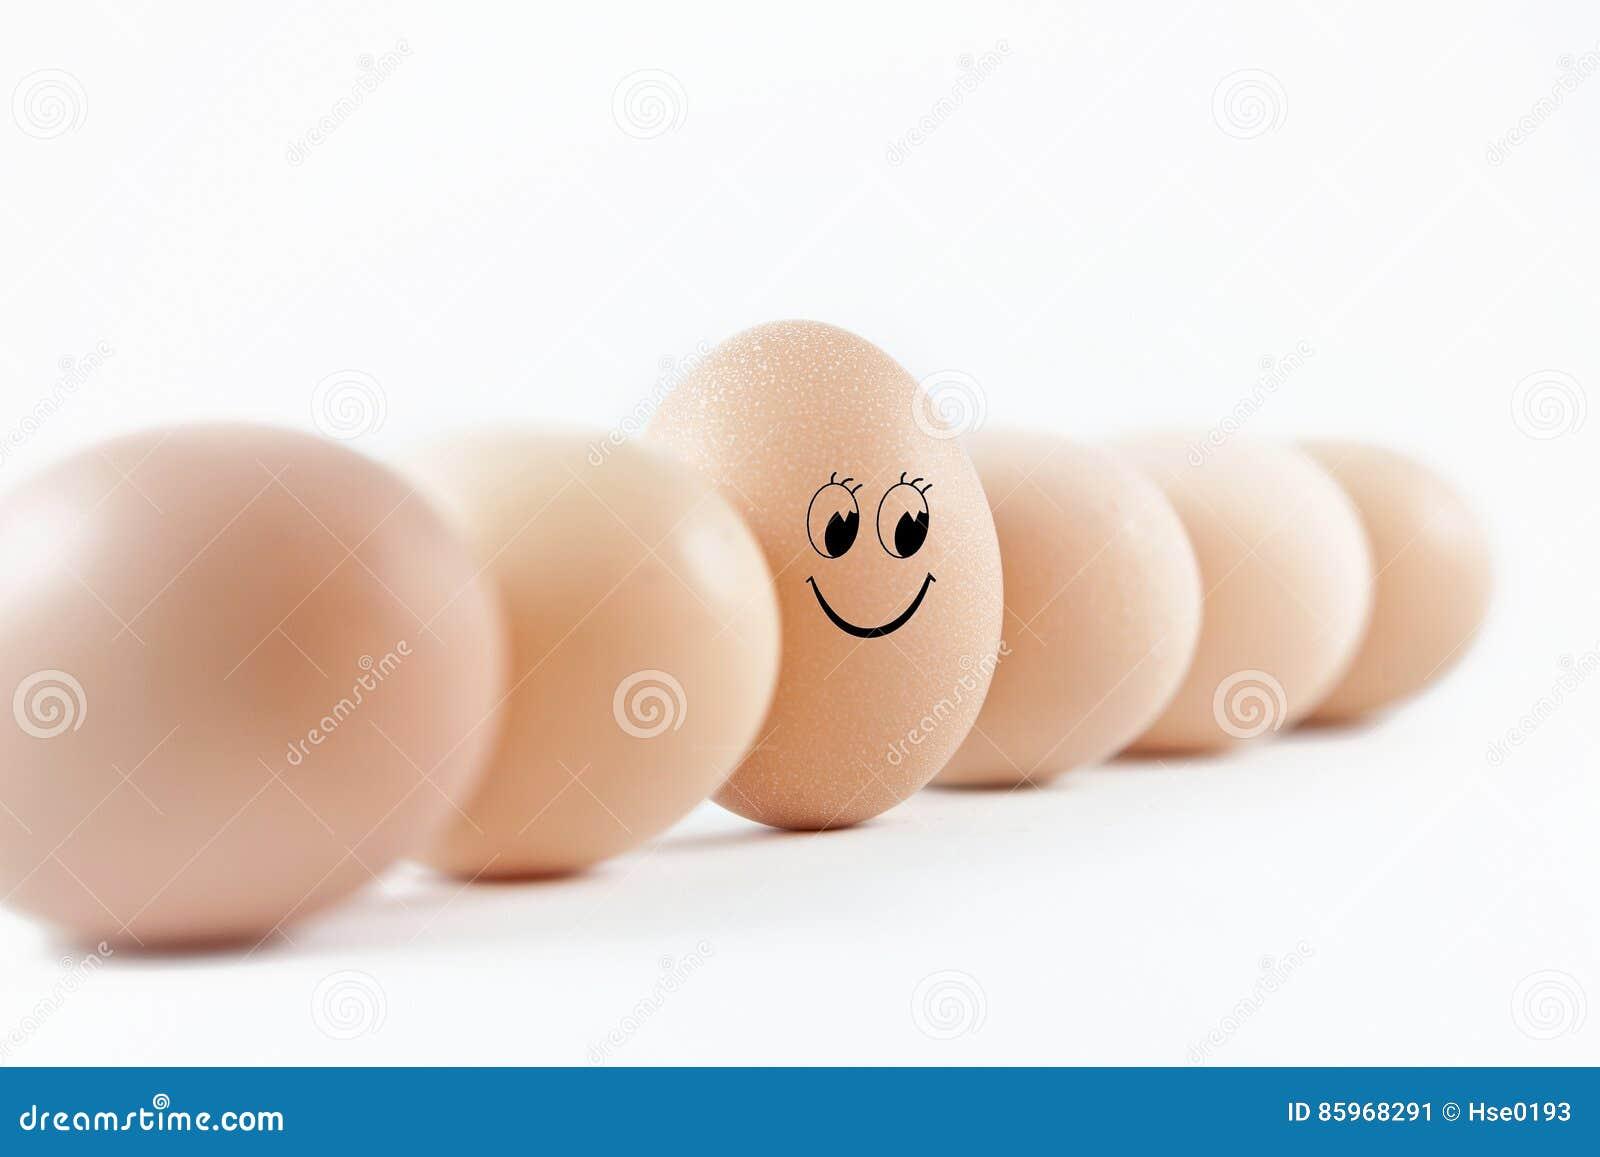 Smiling egg